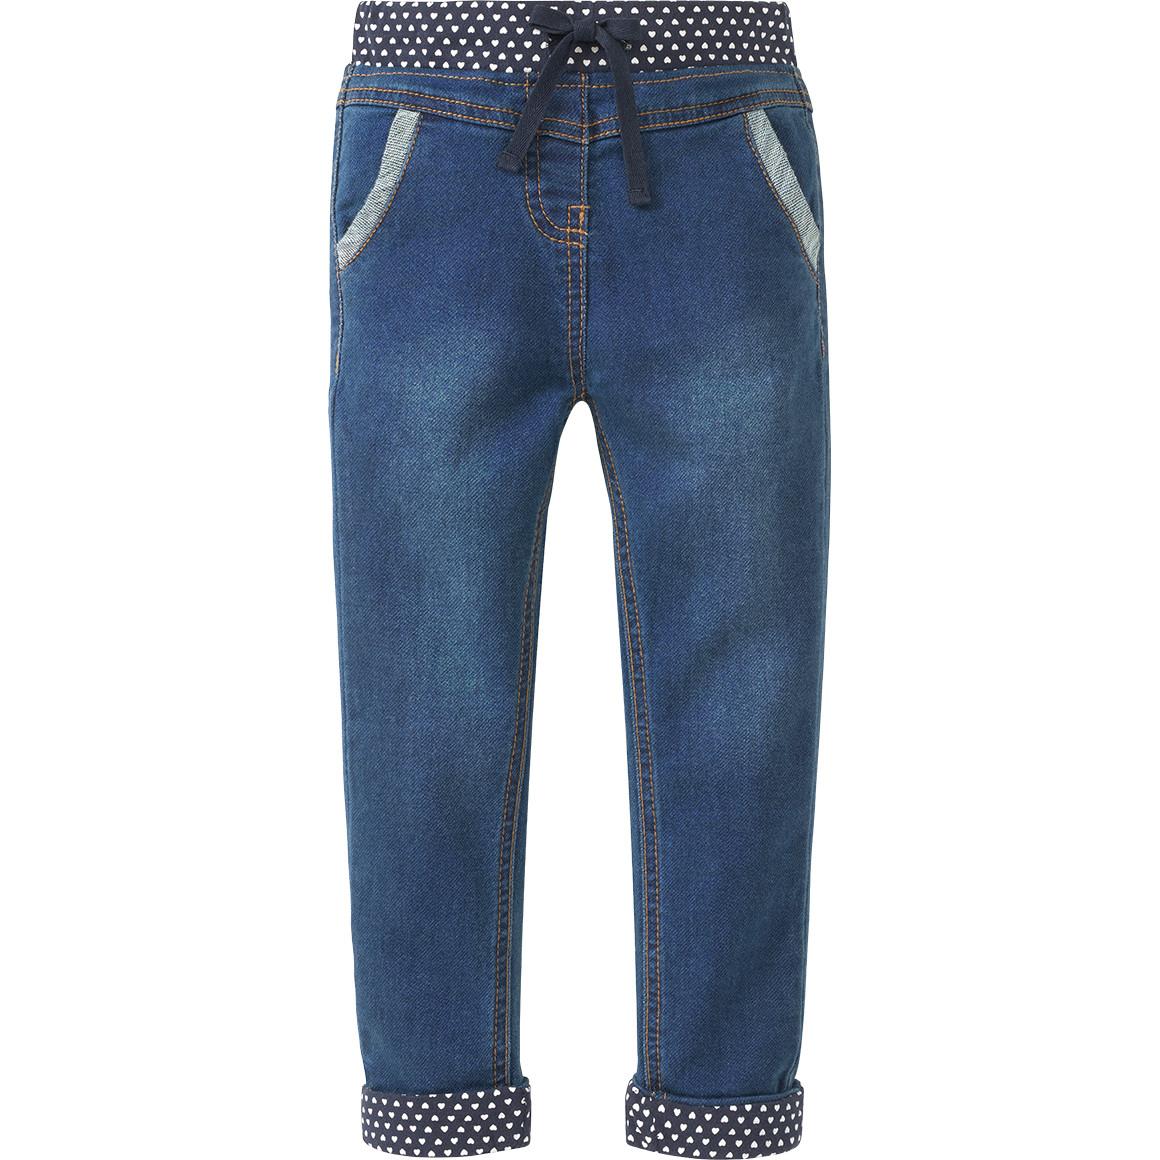 Mädchen Pull on Jeans mit Taschen